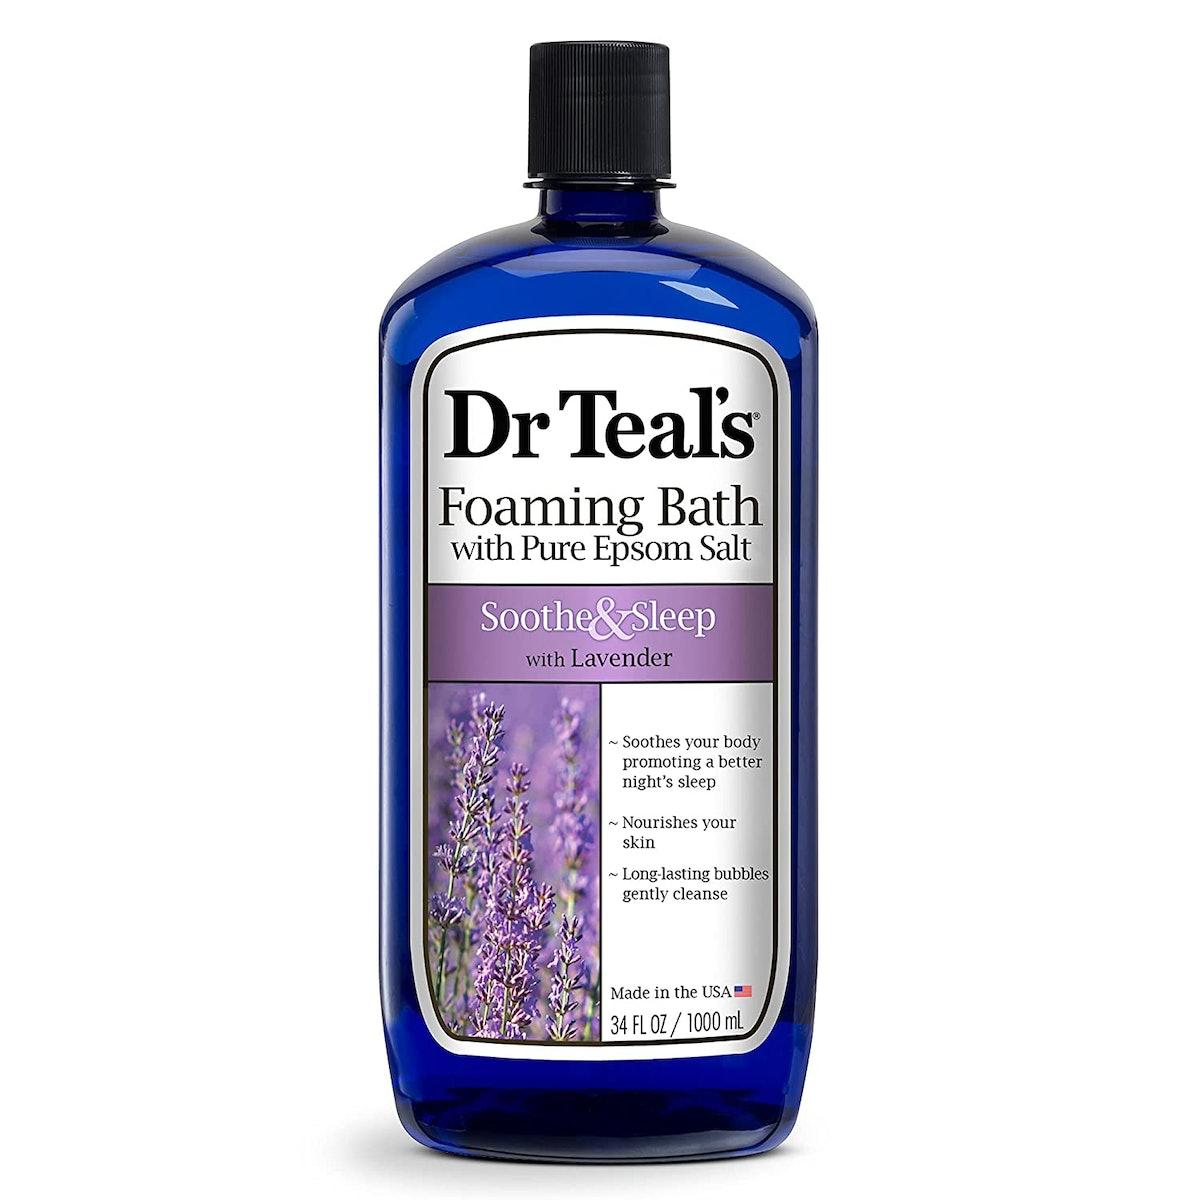 Dr Teal's Foaming Bath with Pure Epsom Salt Soothe & Sleep